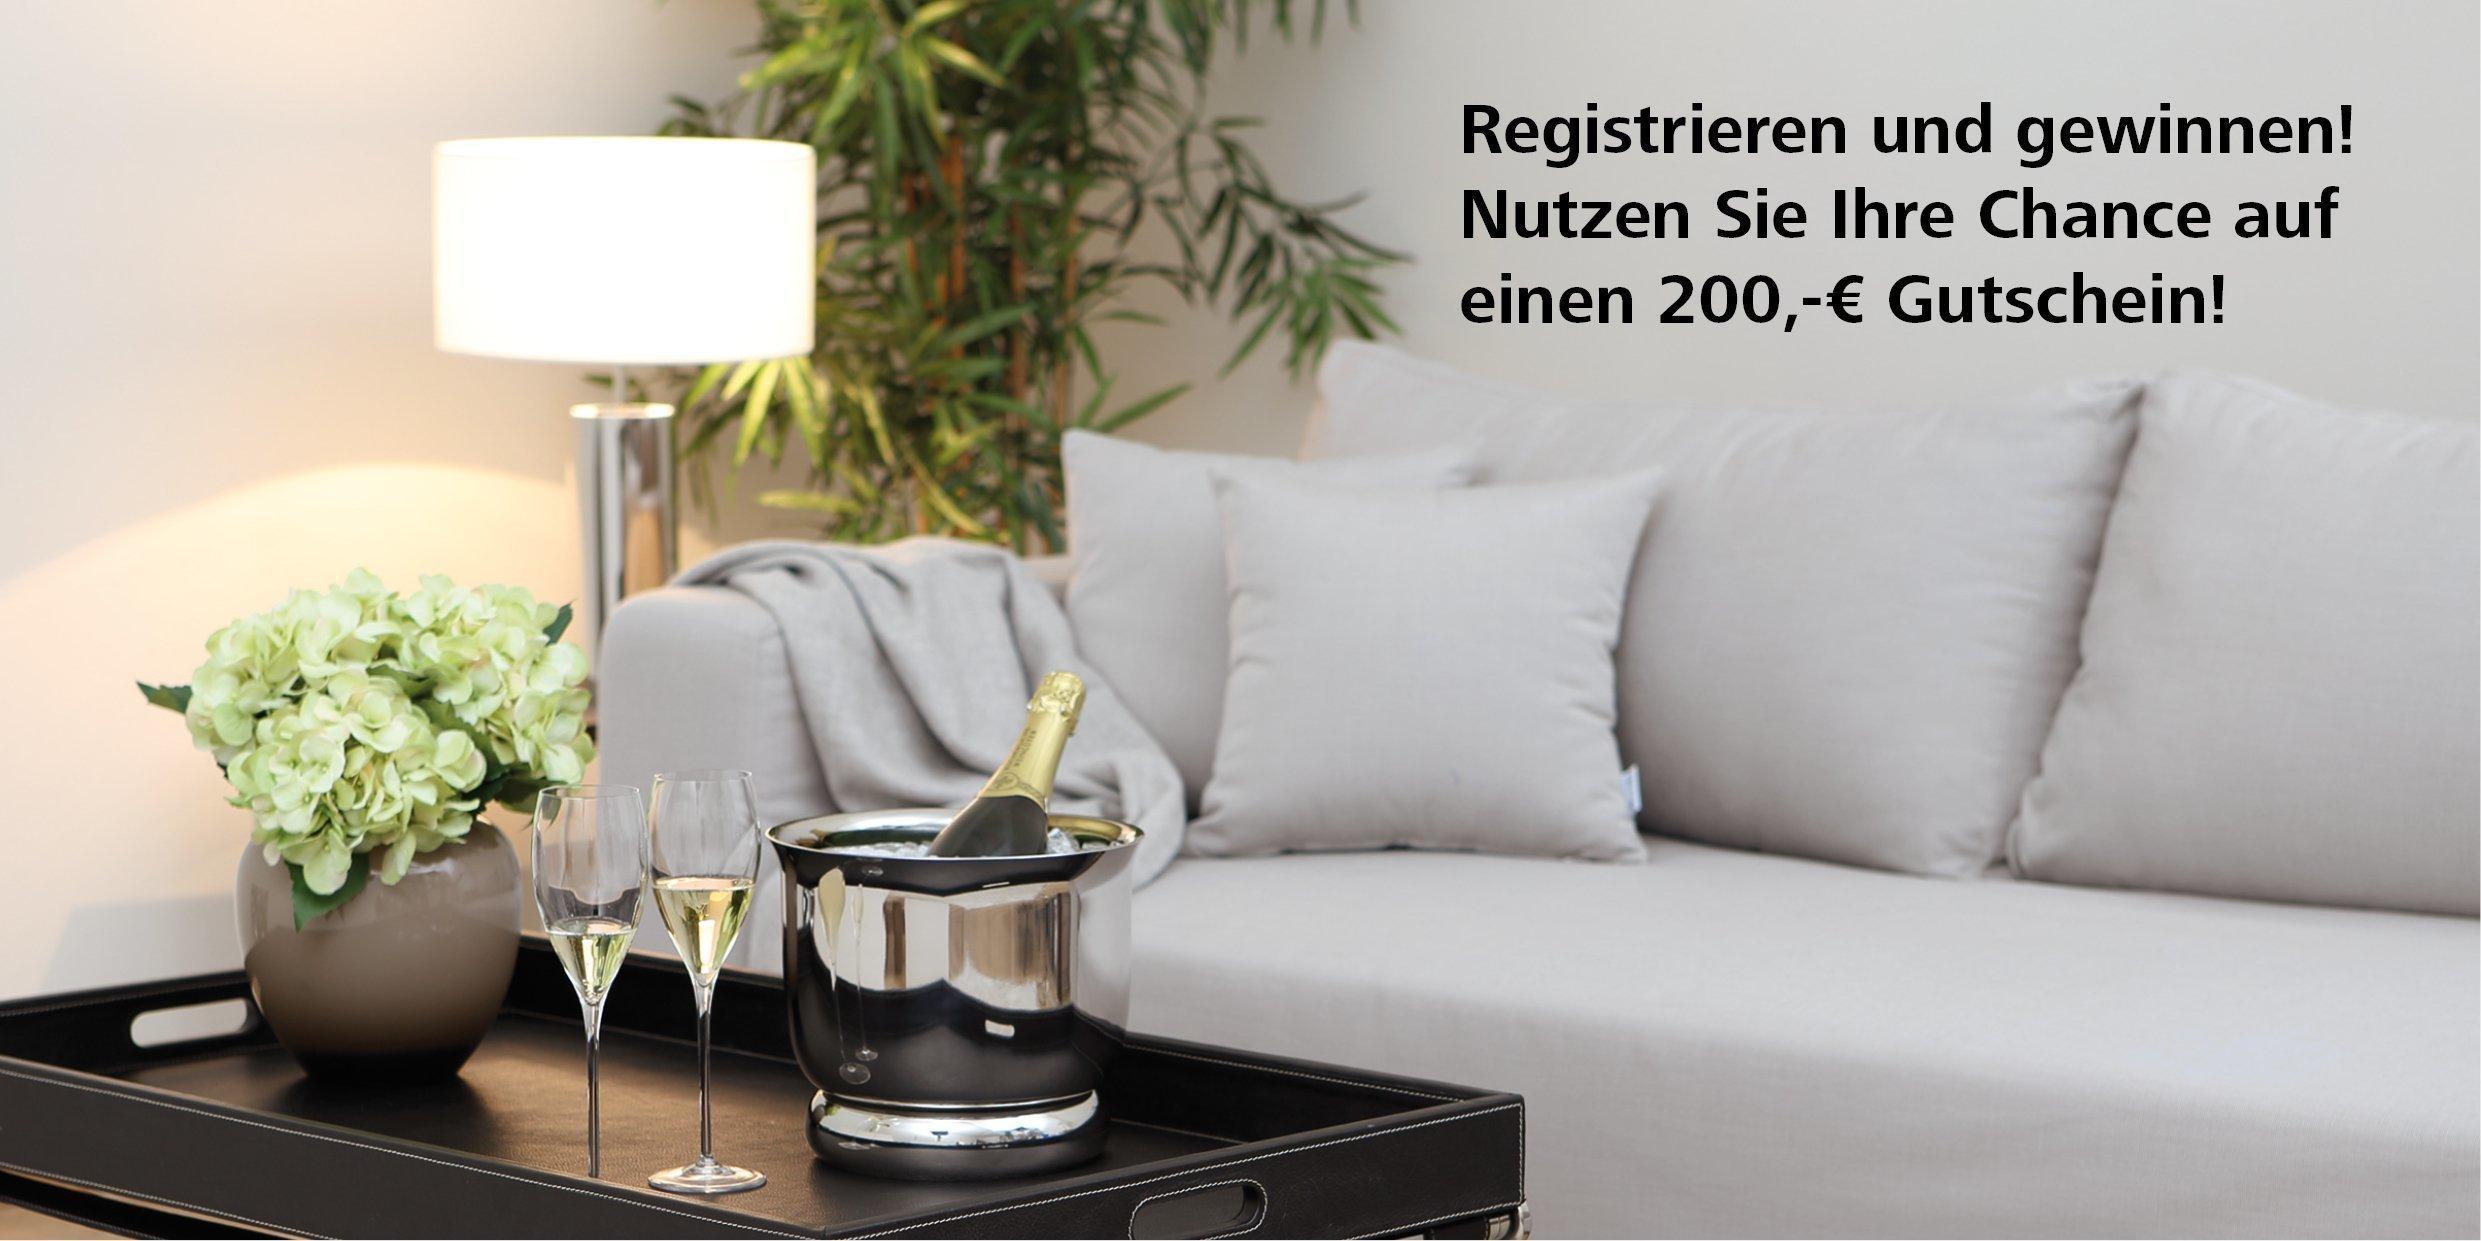 Gewinnspiel - Registrieren und gewinnen! - Nutzen Sie Ihre Chance auf einen 200,-€ Gutschein!